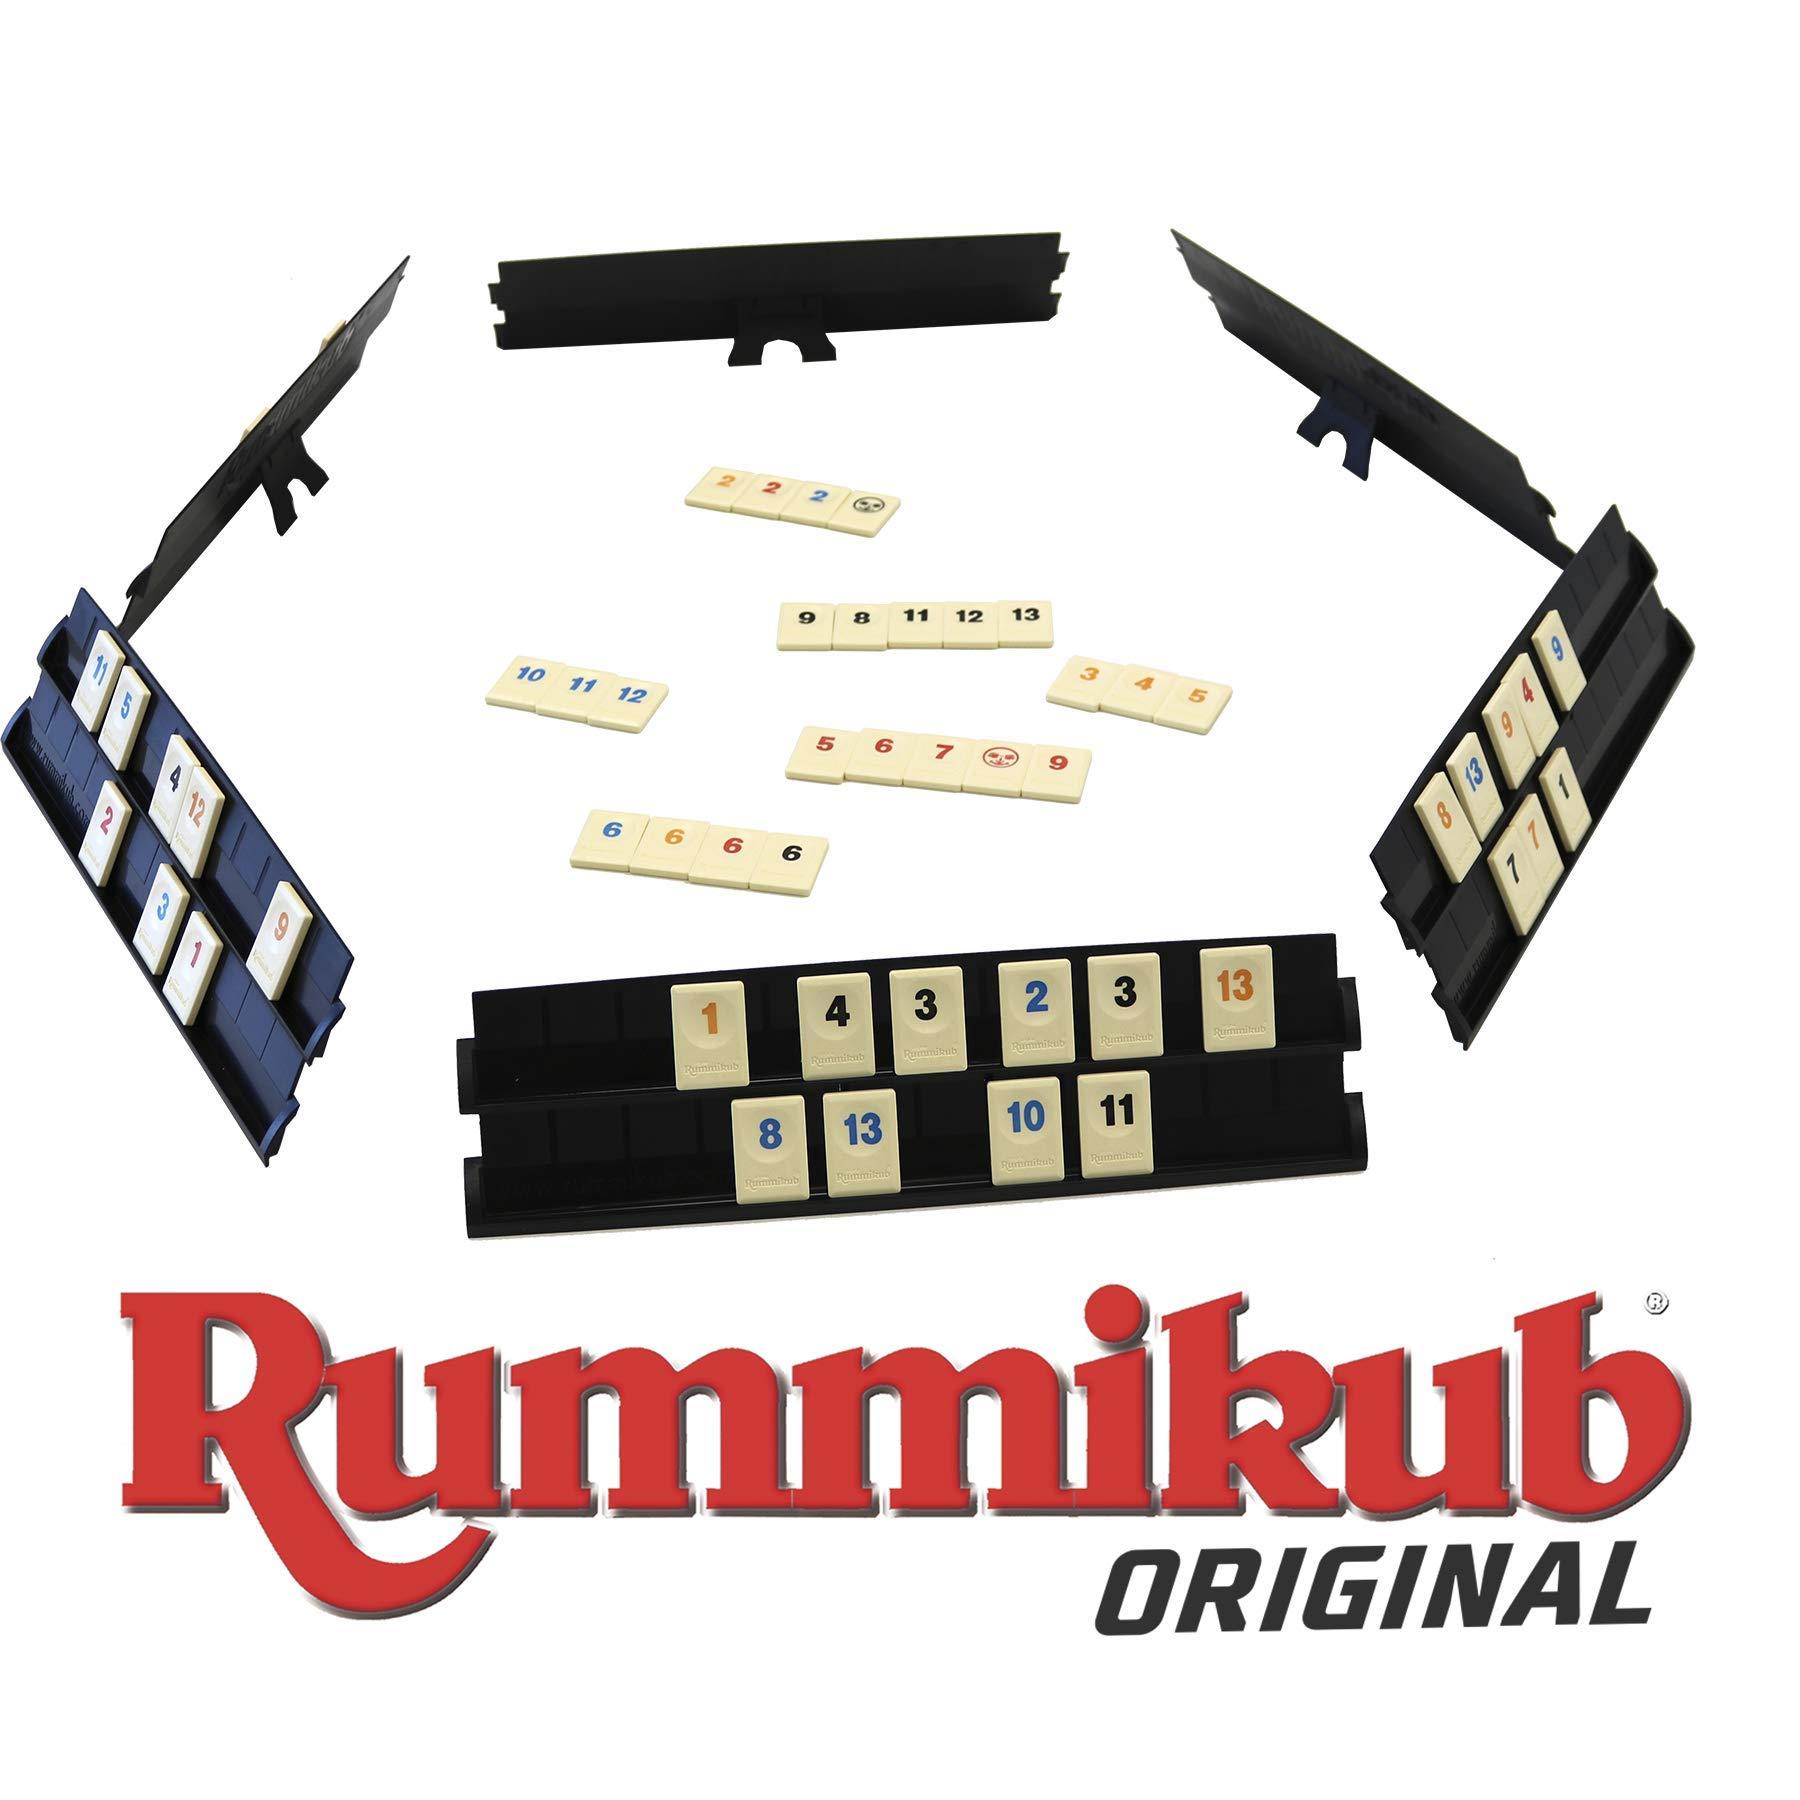 Goliath 50400 - Juego Rummikub Original - Clásico, Español: Amazon.es: Juguetes y juegos